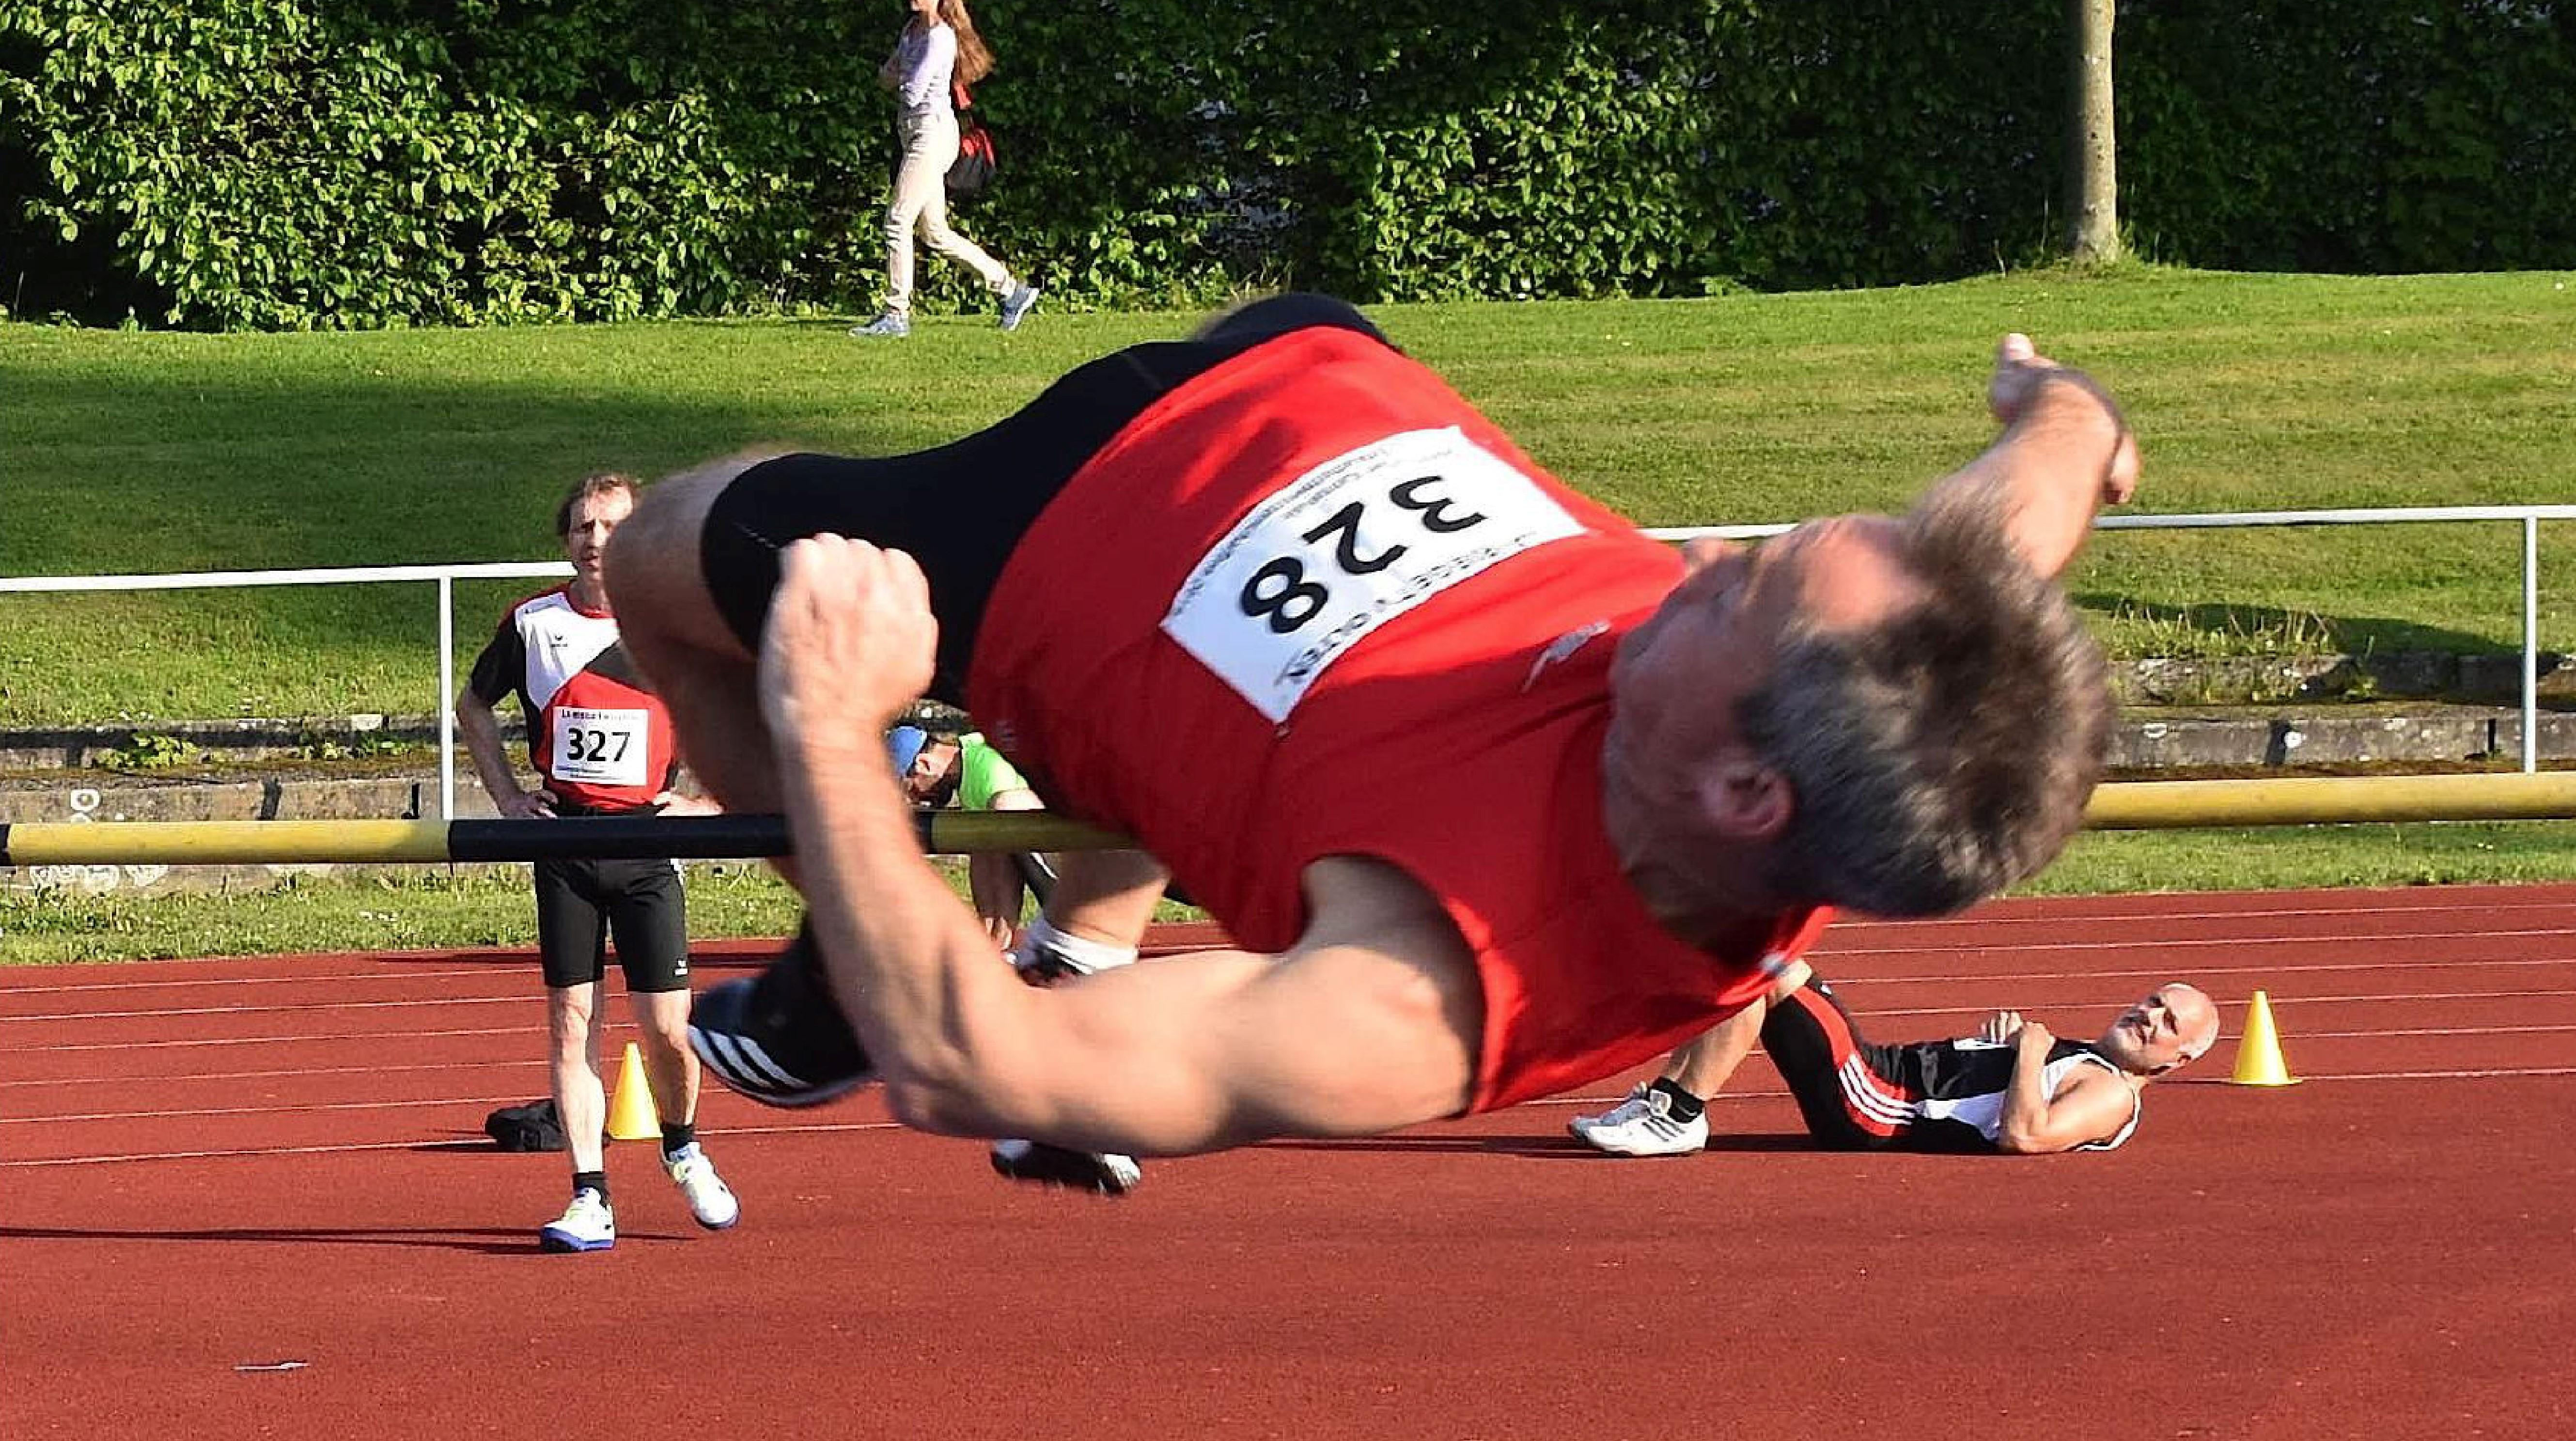 Championnats suisses masters à Olten